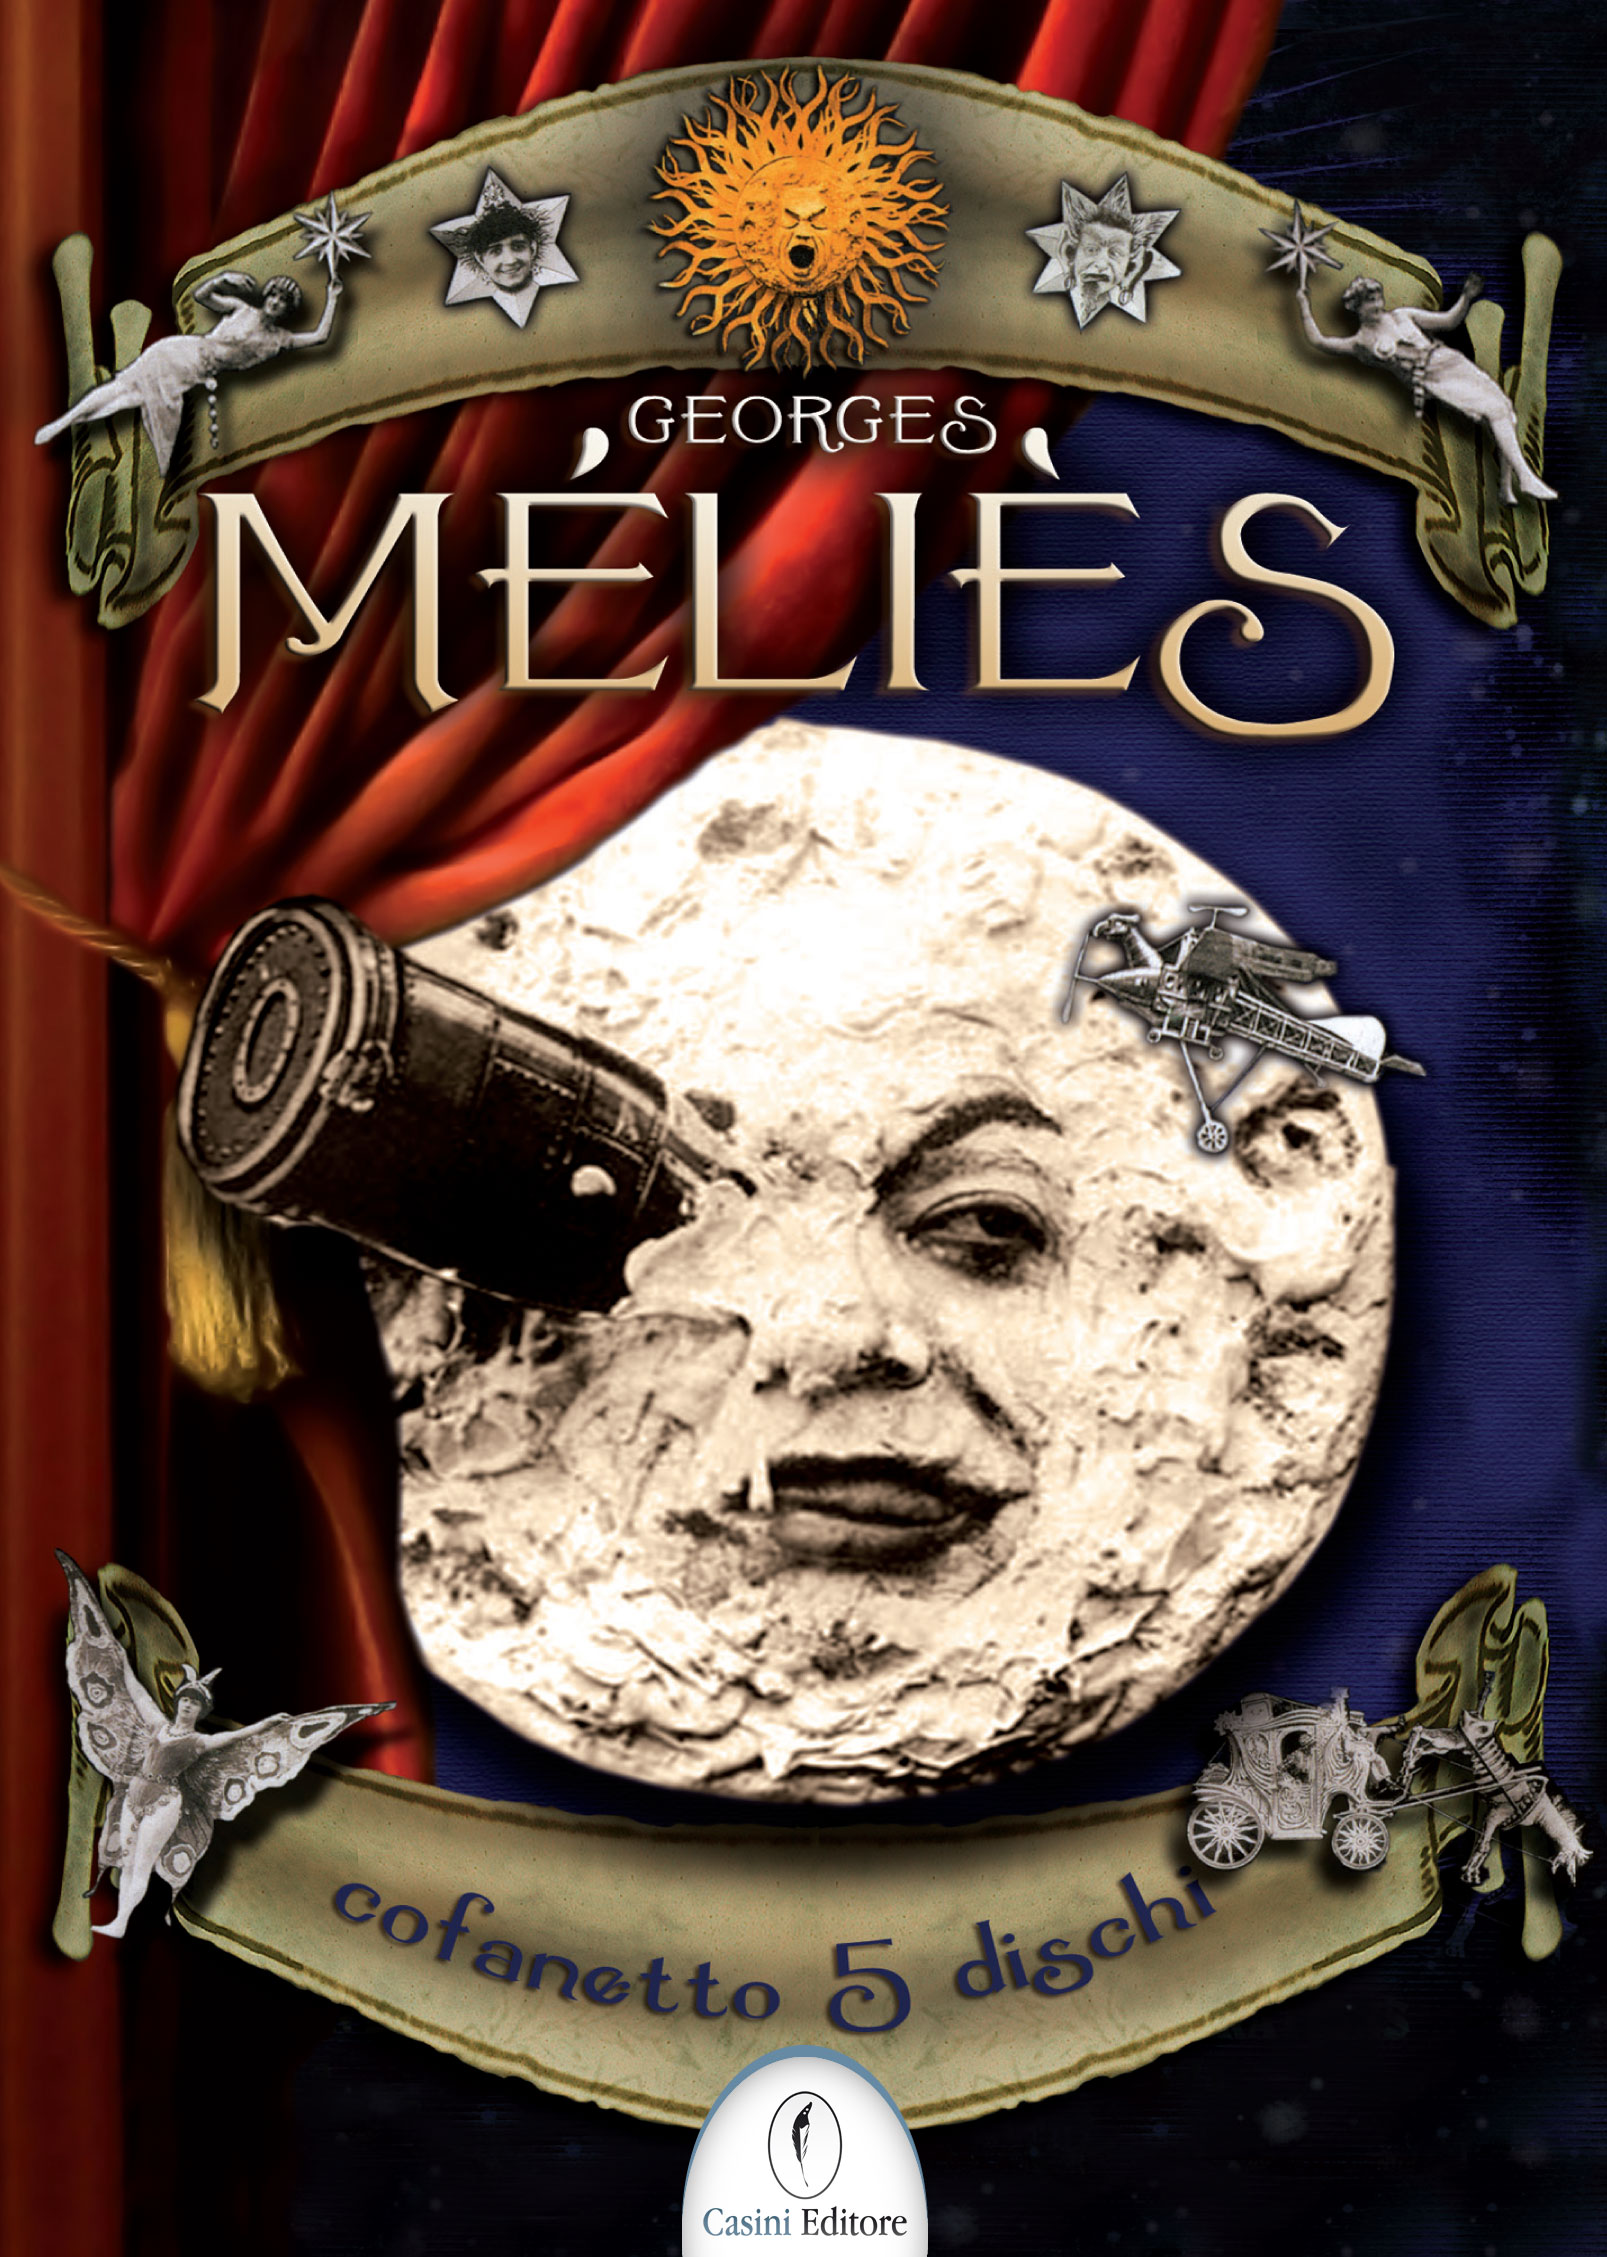 GEORGES MELIES DVD